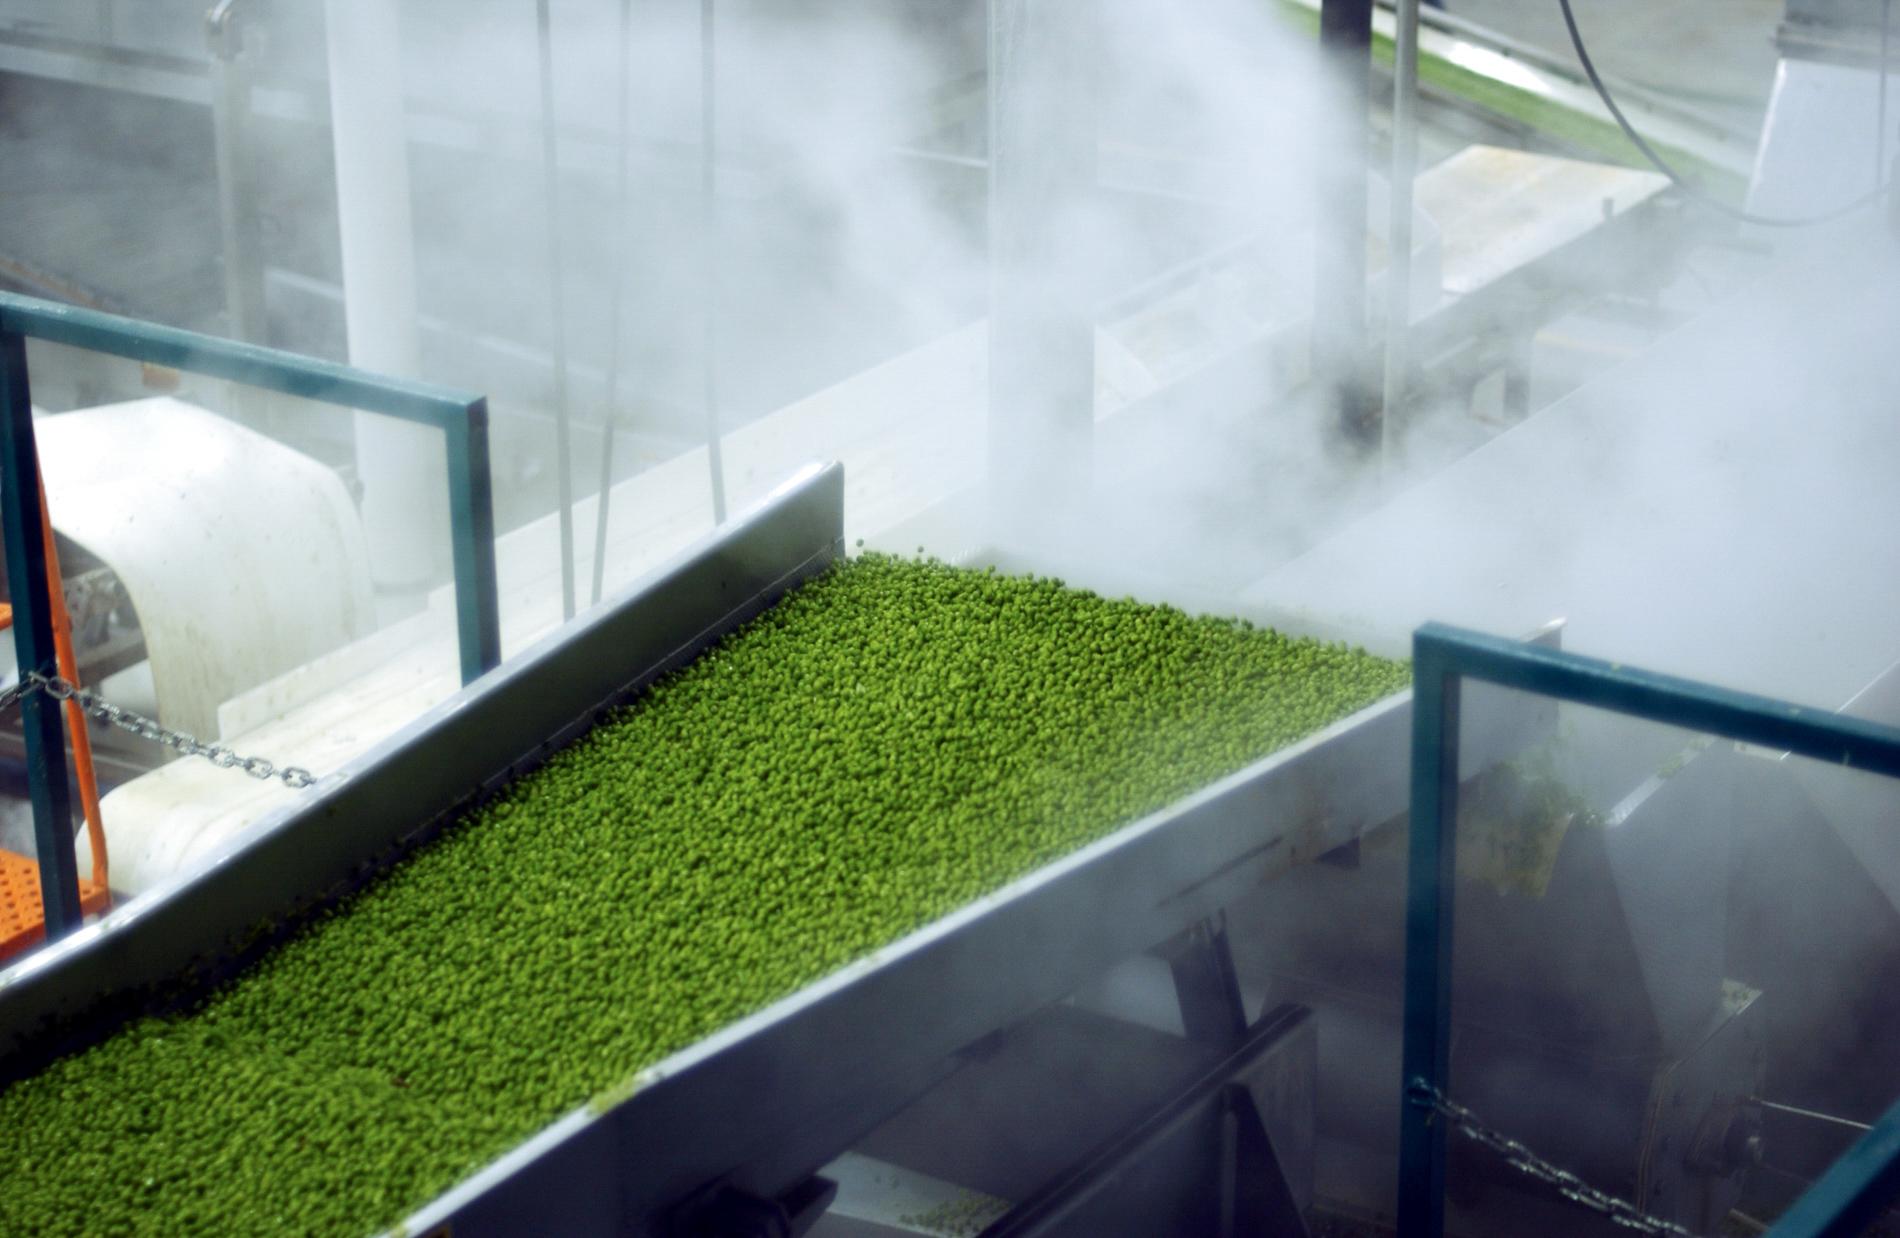 Pea Production